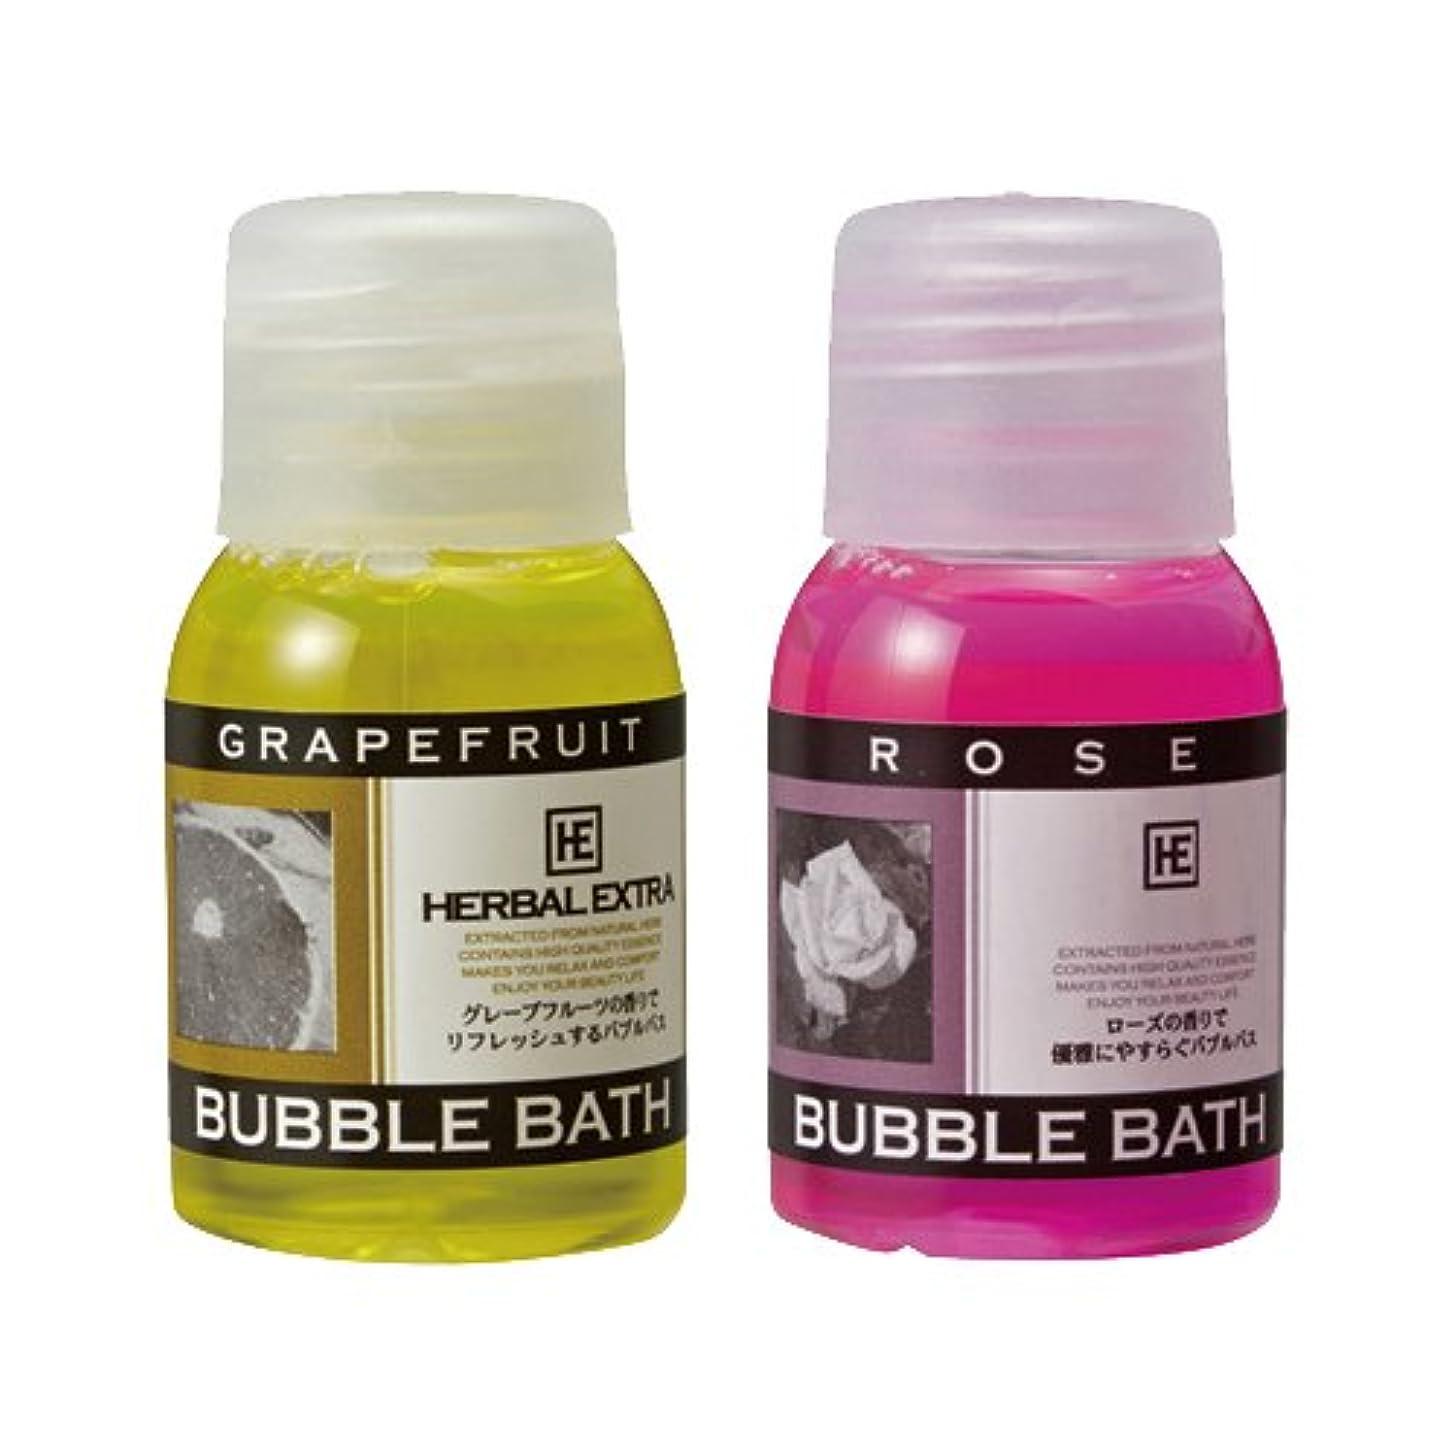 率直なあえて効果的にハーバルエクストラ バブルバス ミニボトル × おまかせアソート80個セット - ホテルアメニティ 業務用 発泡入浴剤 (BUBBLE BATH)